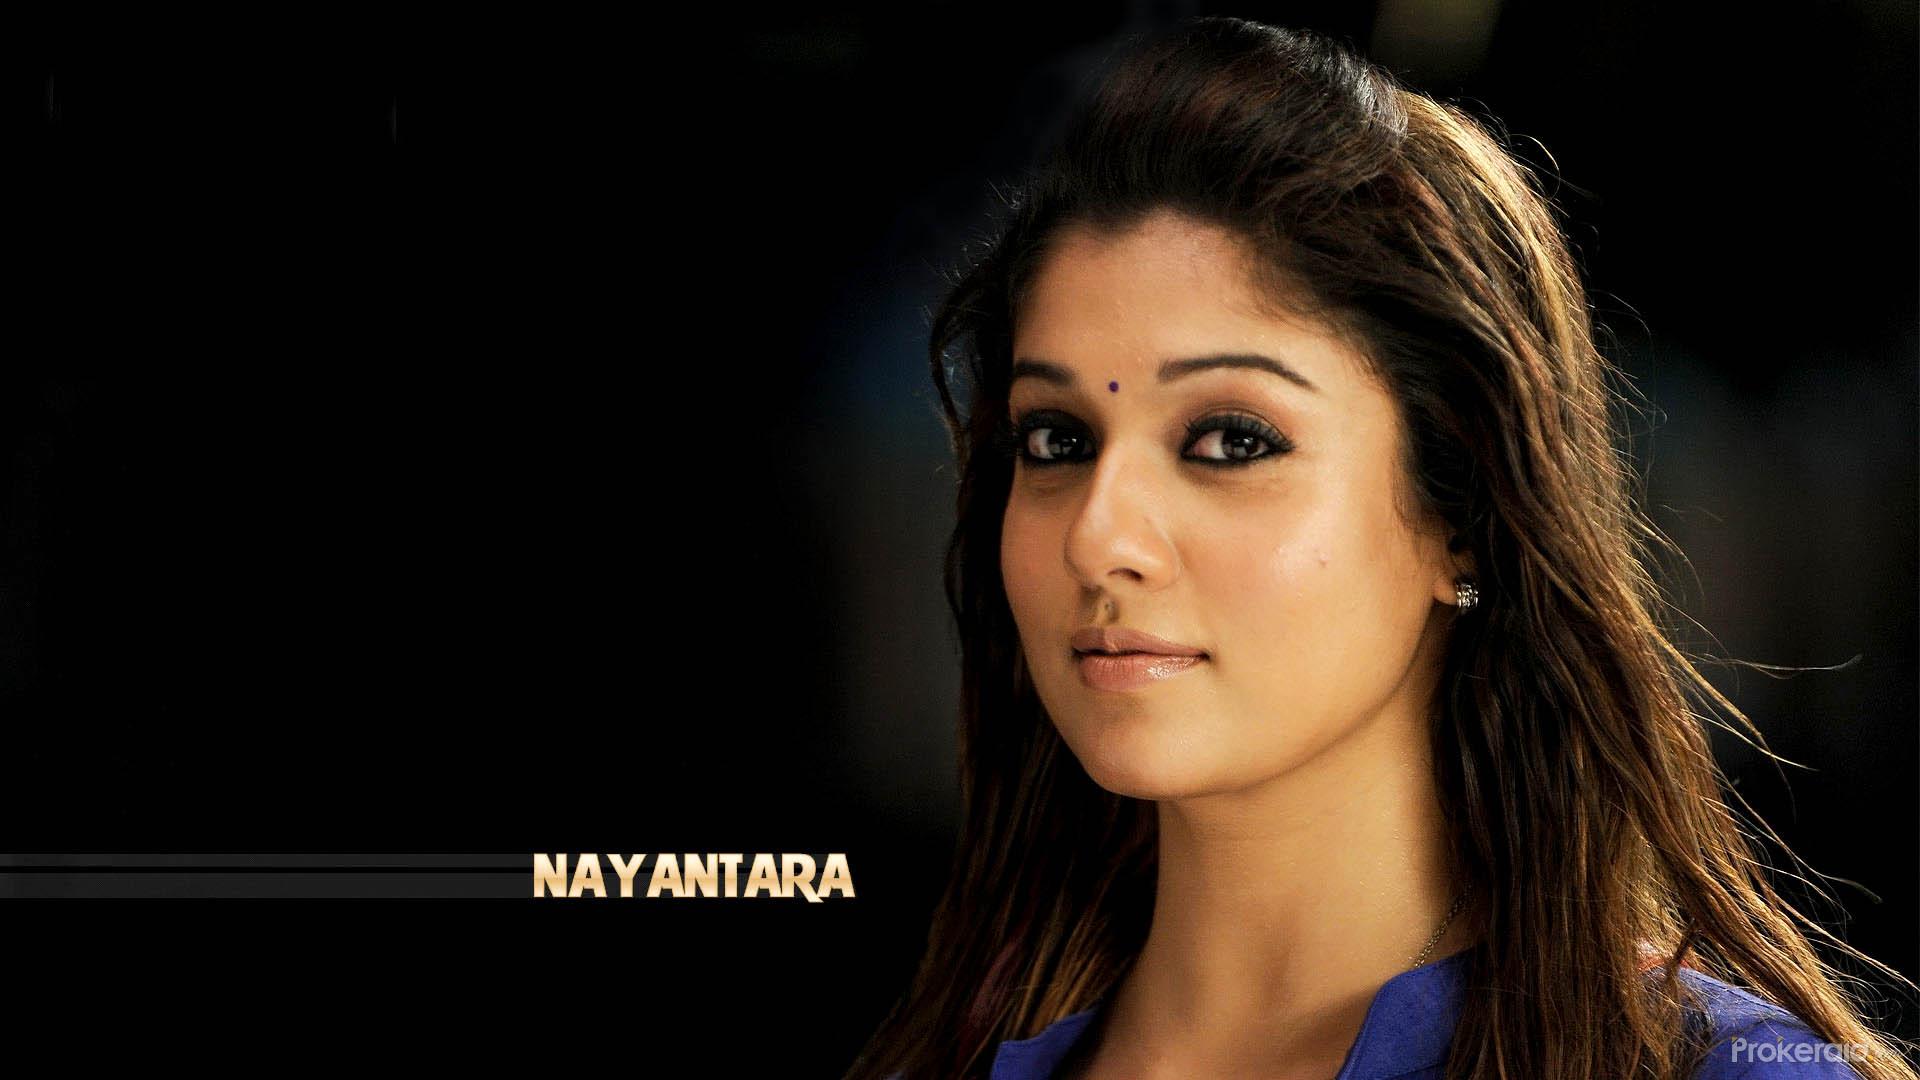 Download Nayanthara Wallpaper 11 Hd Nayanthara Wallpaper 11